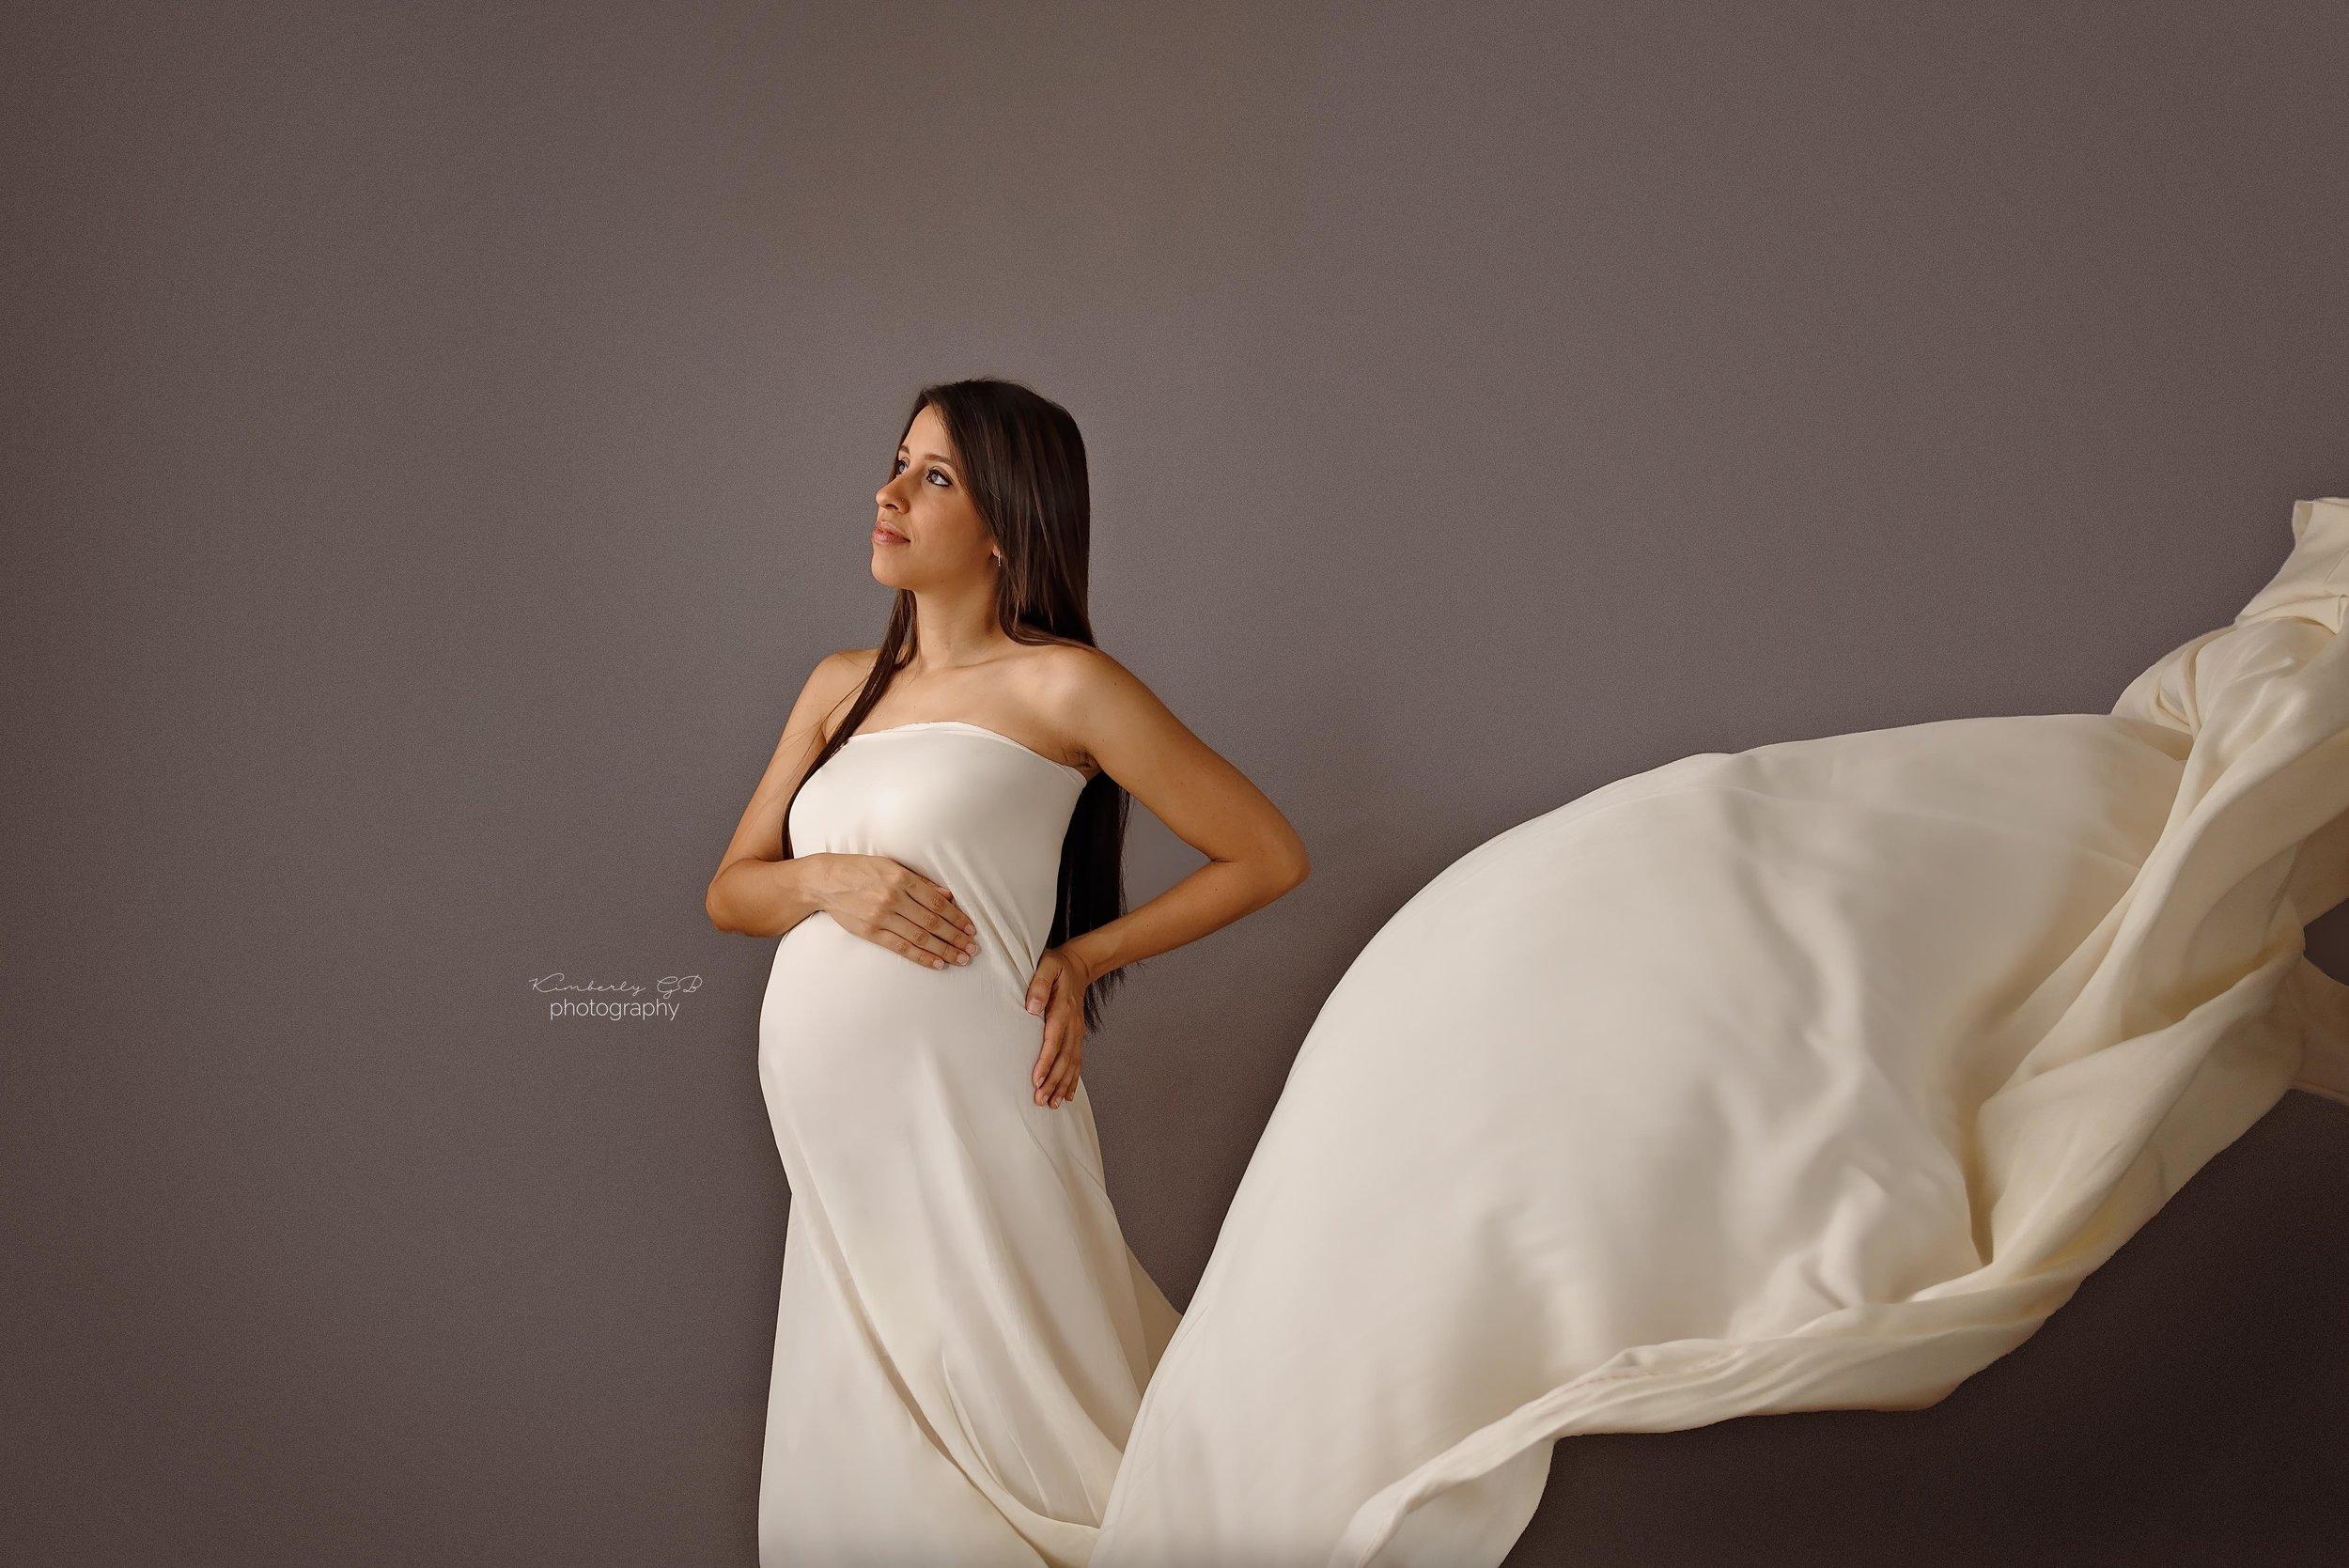 fotografia-fotografa-de-maternidad-embarazo-embarazada-en-puerto-rico-fotografia-144.jpg